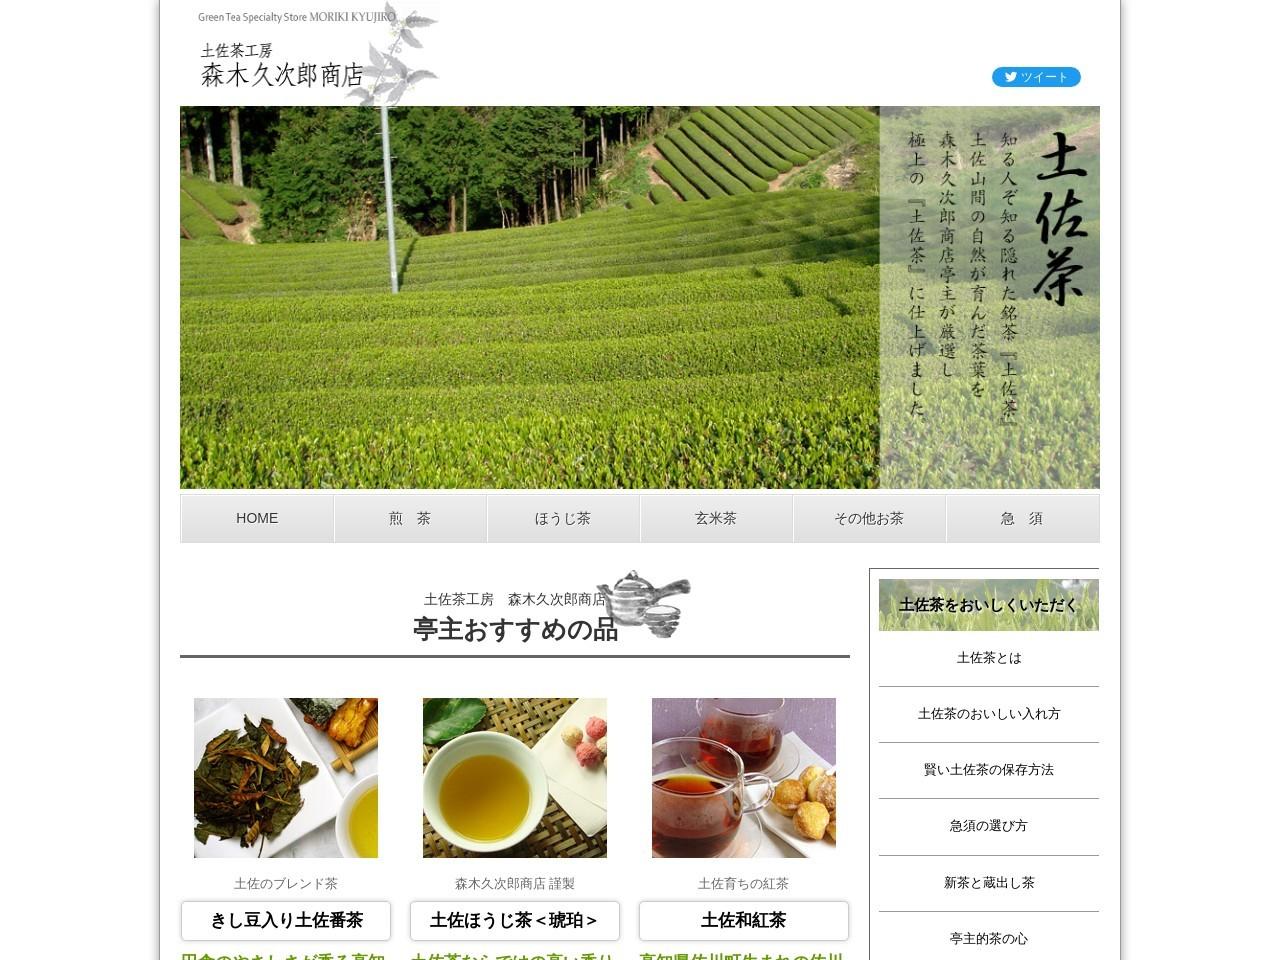 土佐茶工房 ||| 森木久次郎商店